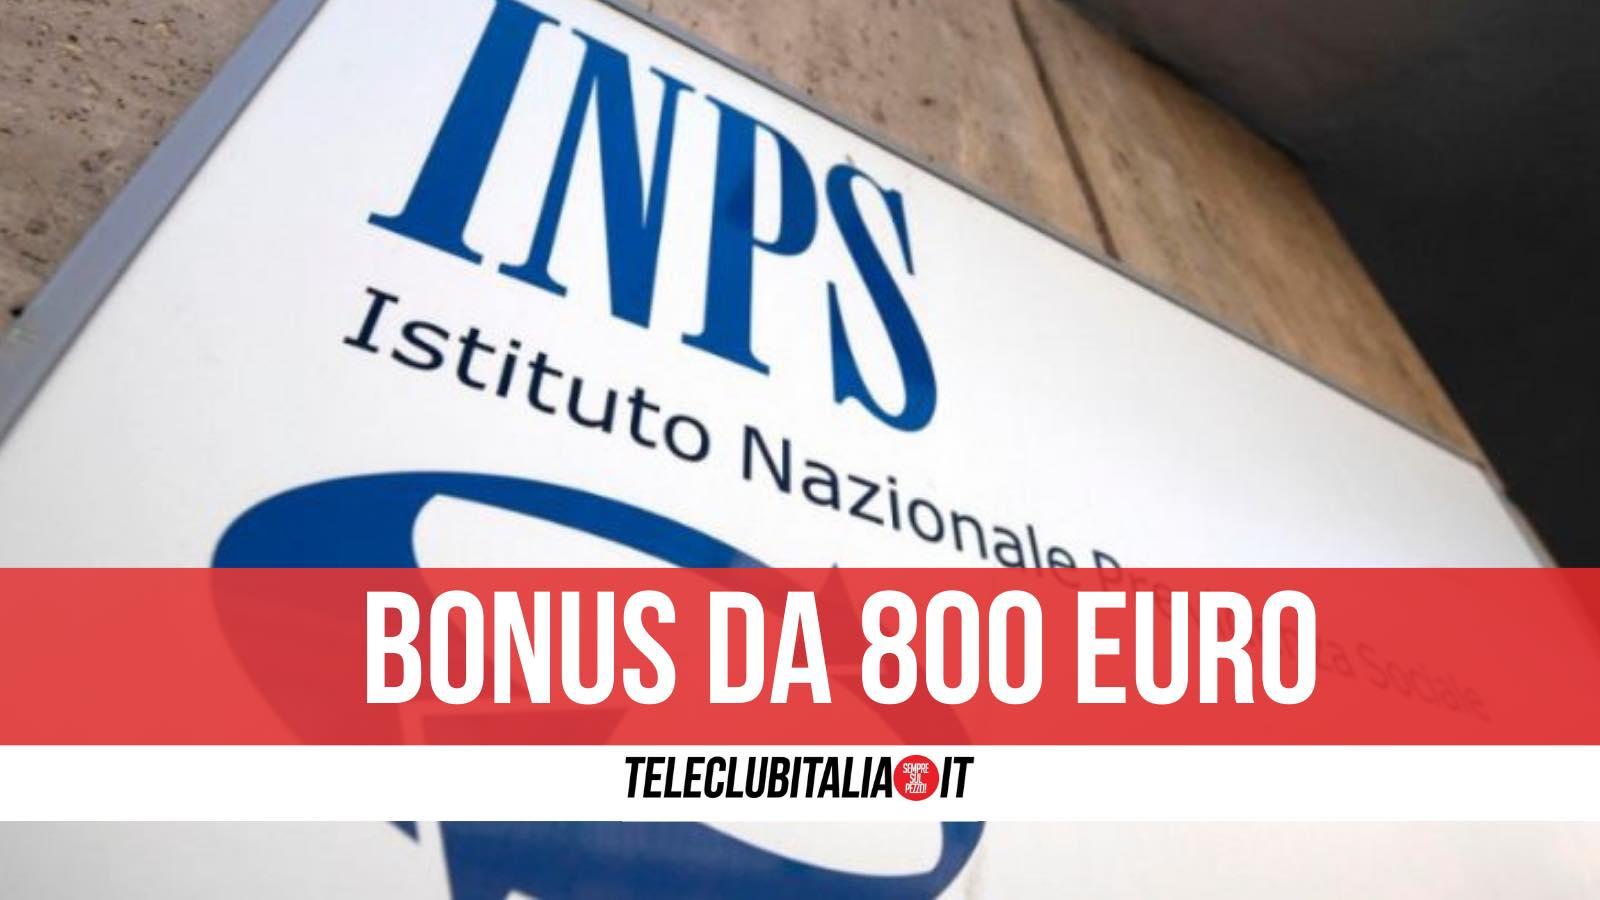 bonus iscro inps requisiti domanda scadenza